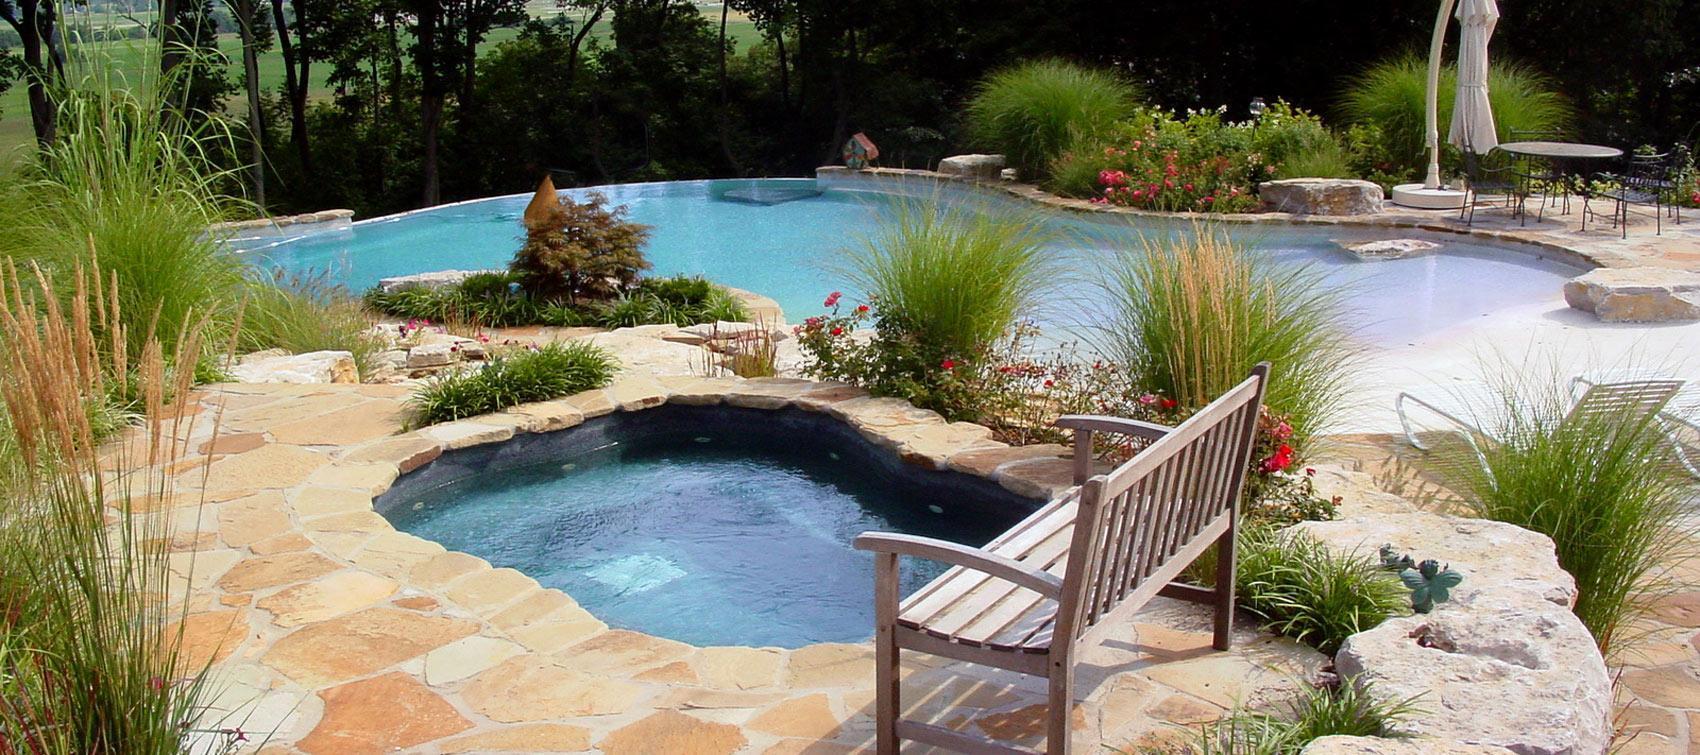 westport pools pool companies in st louis